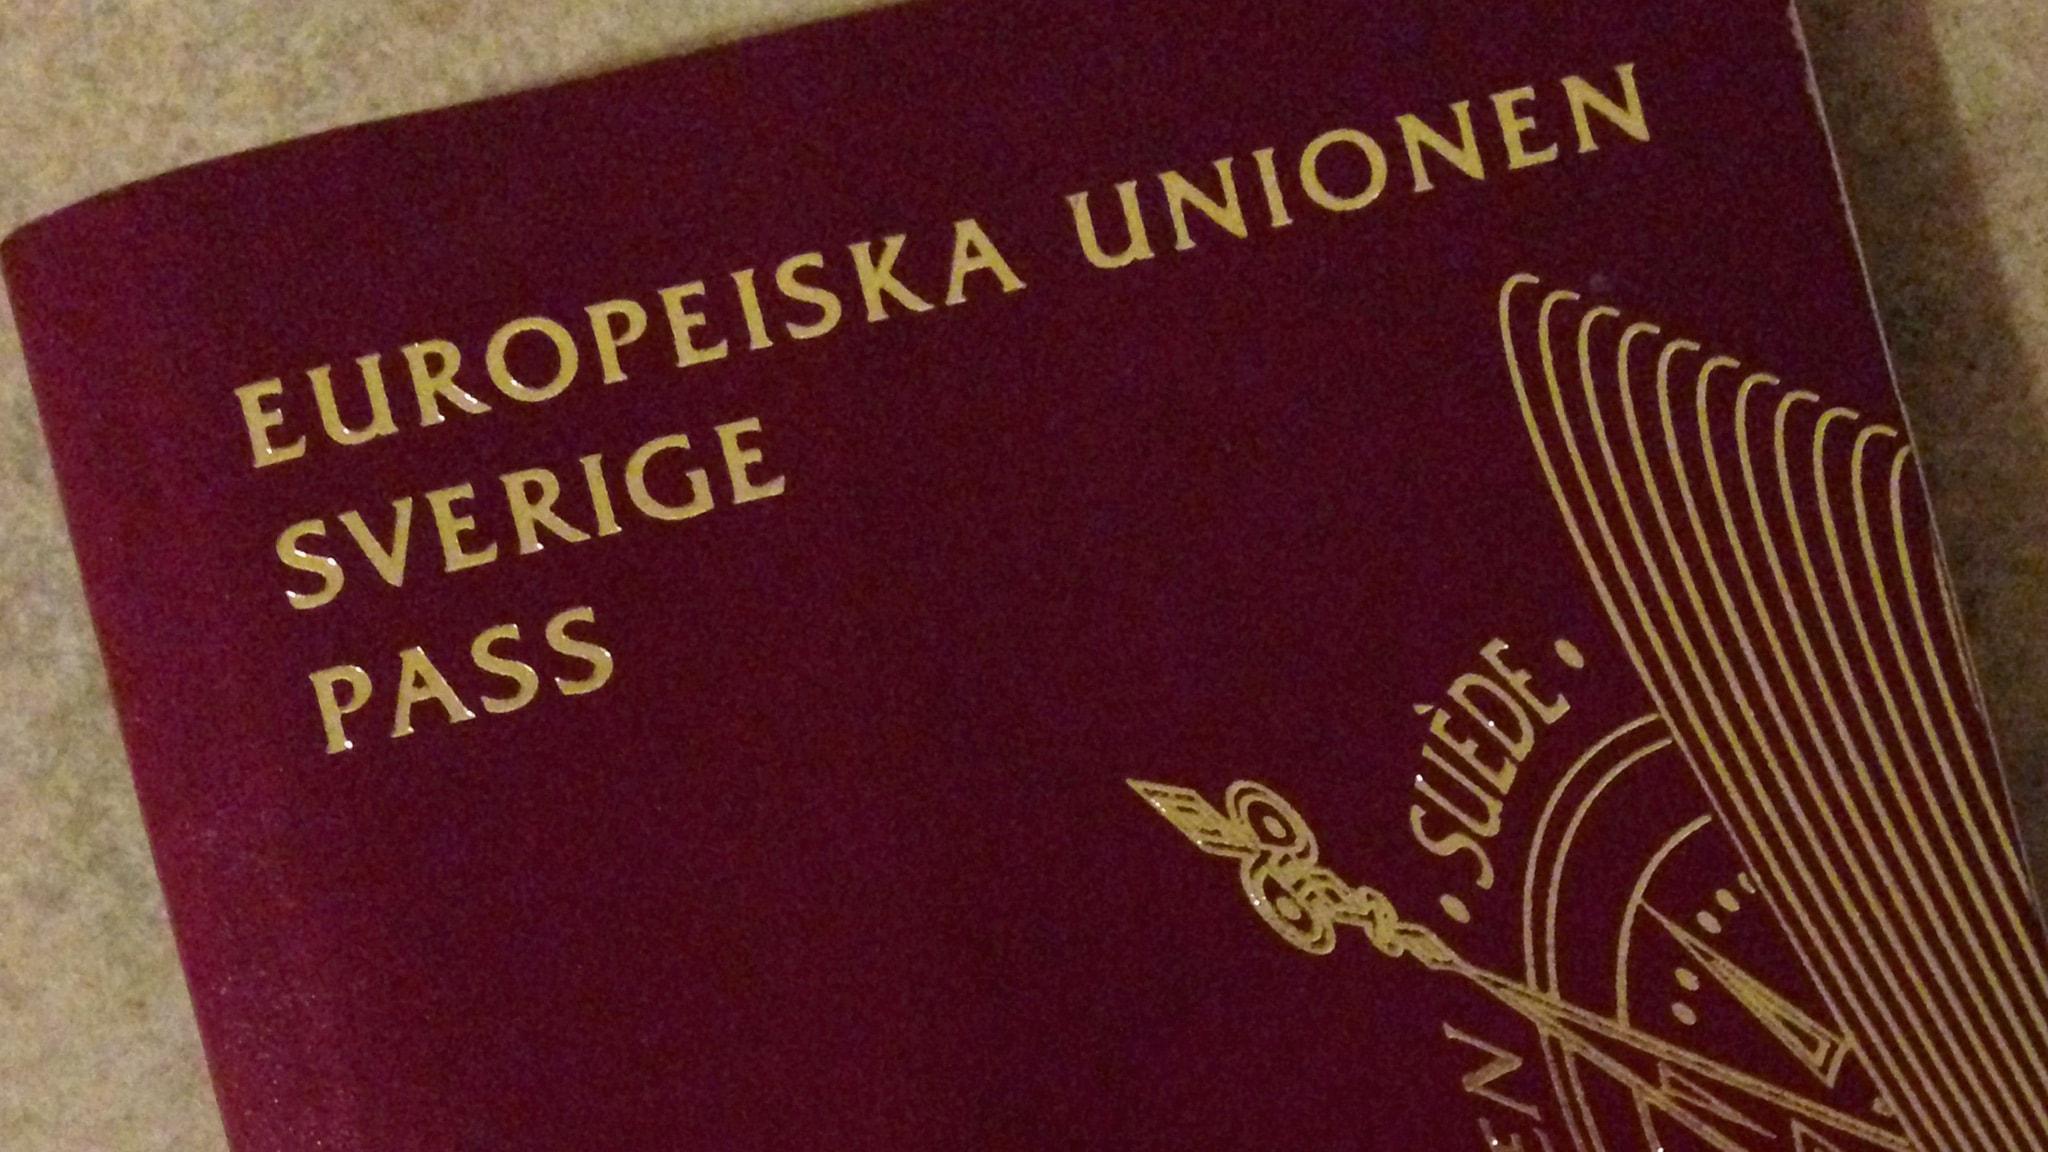 Вопросы и ответы по визе в Швецию